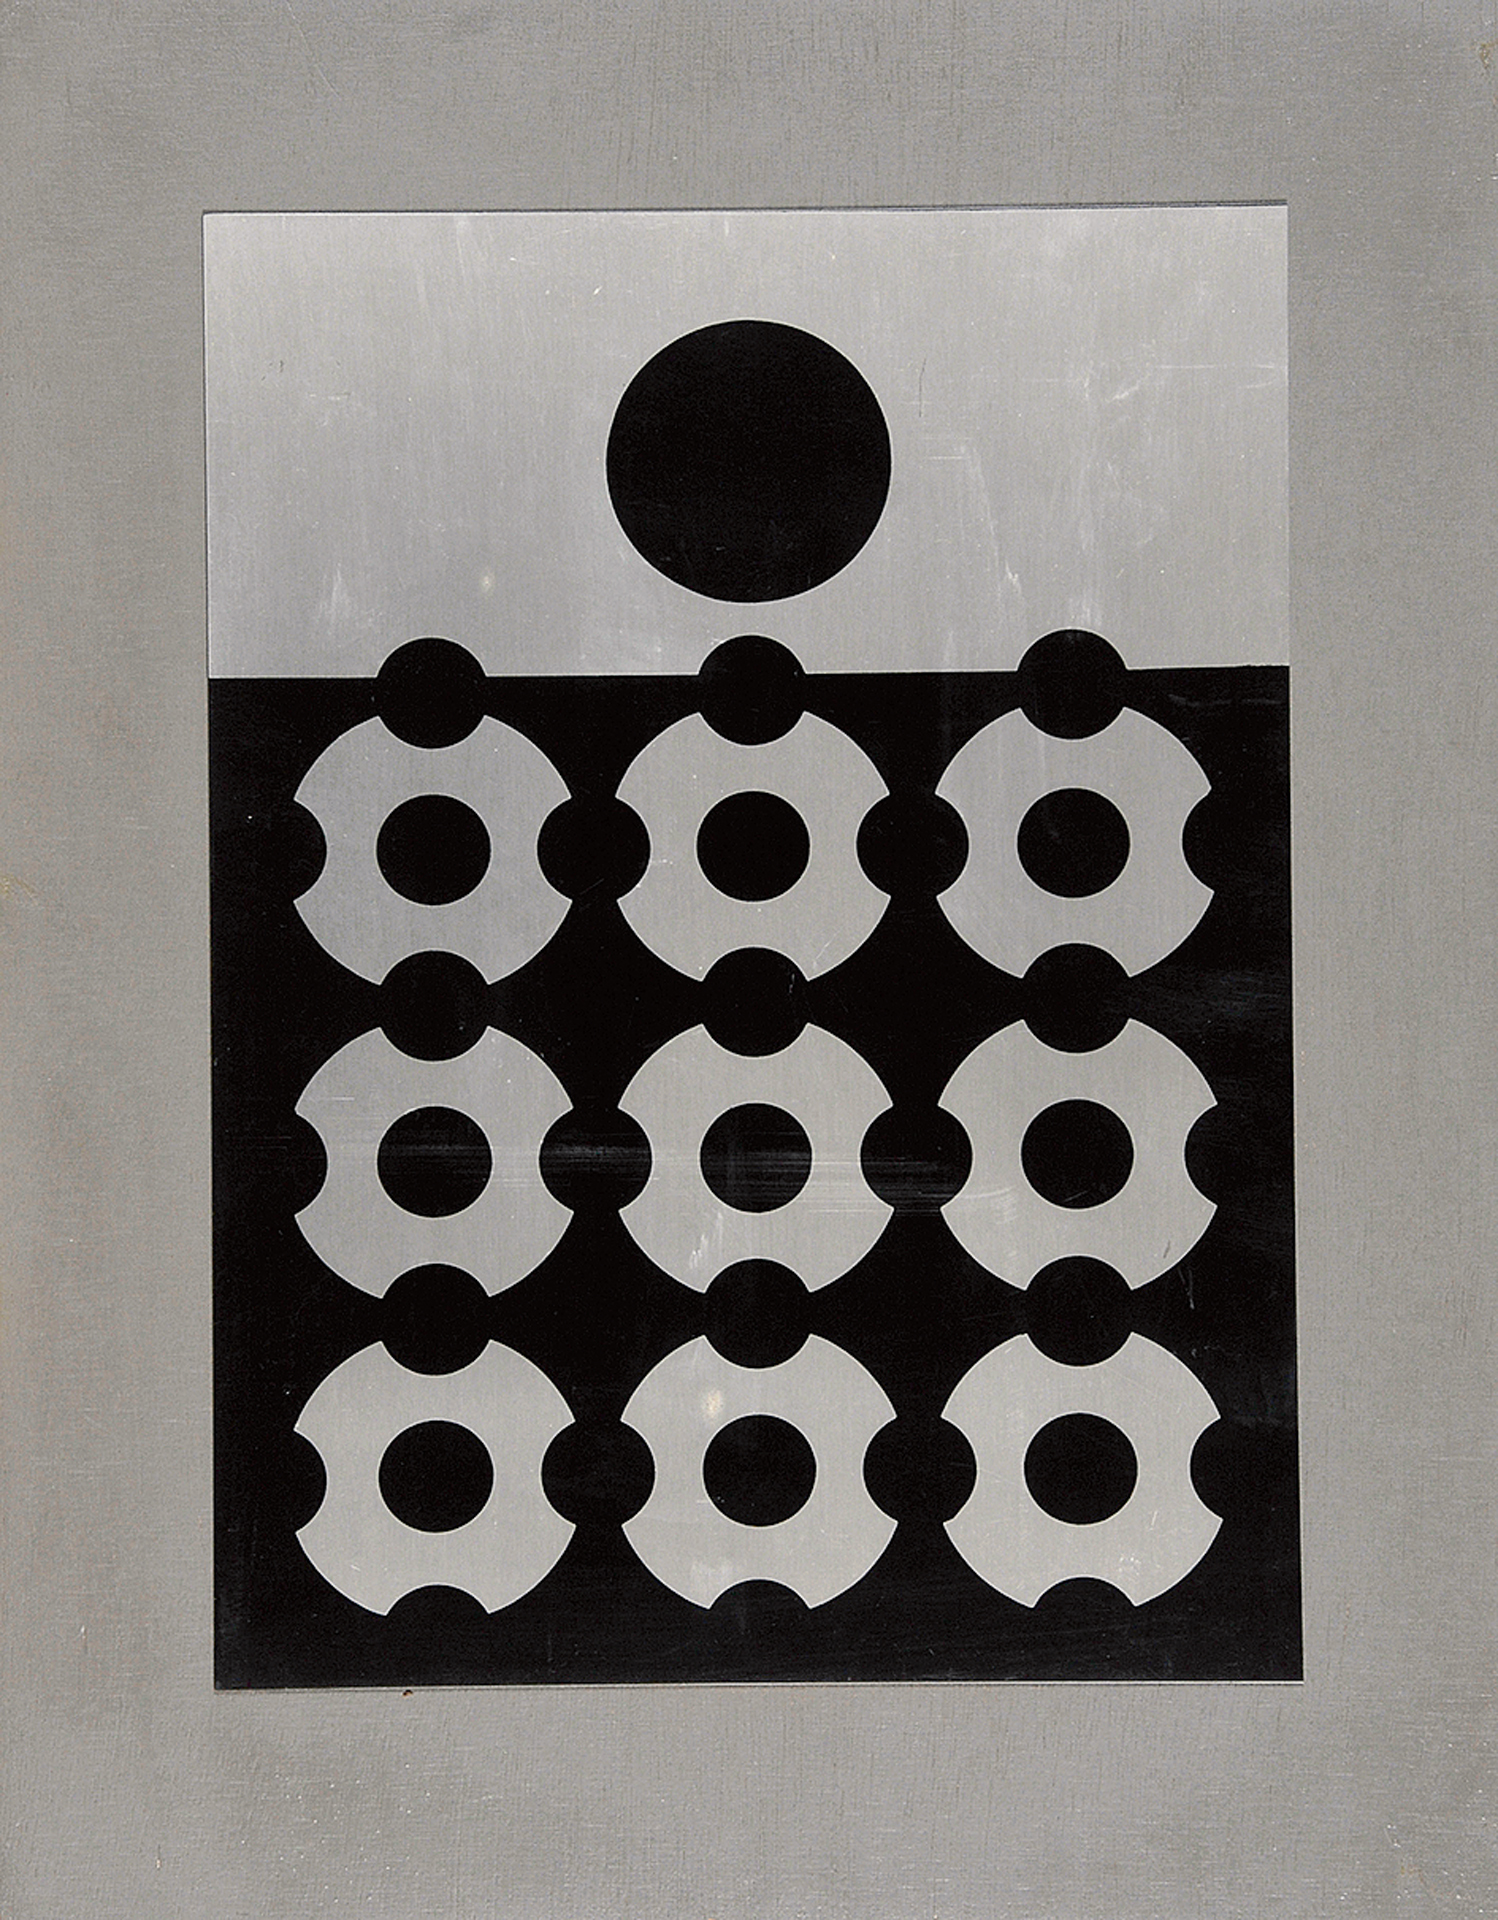 Victor Vasarely, Weiss auf schwarzem Grund